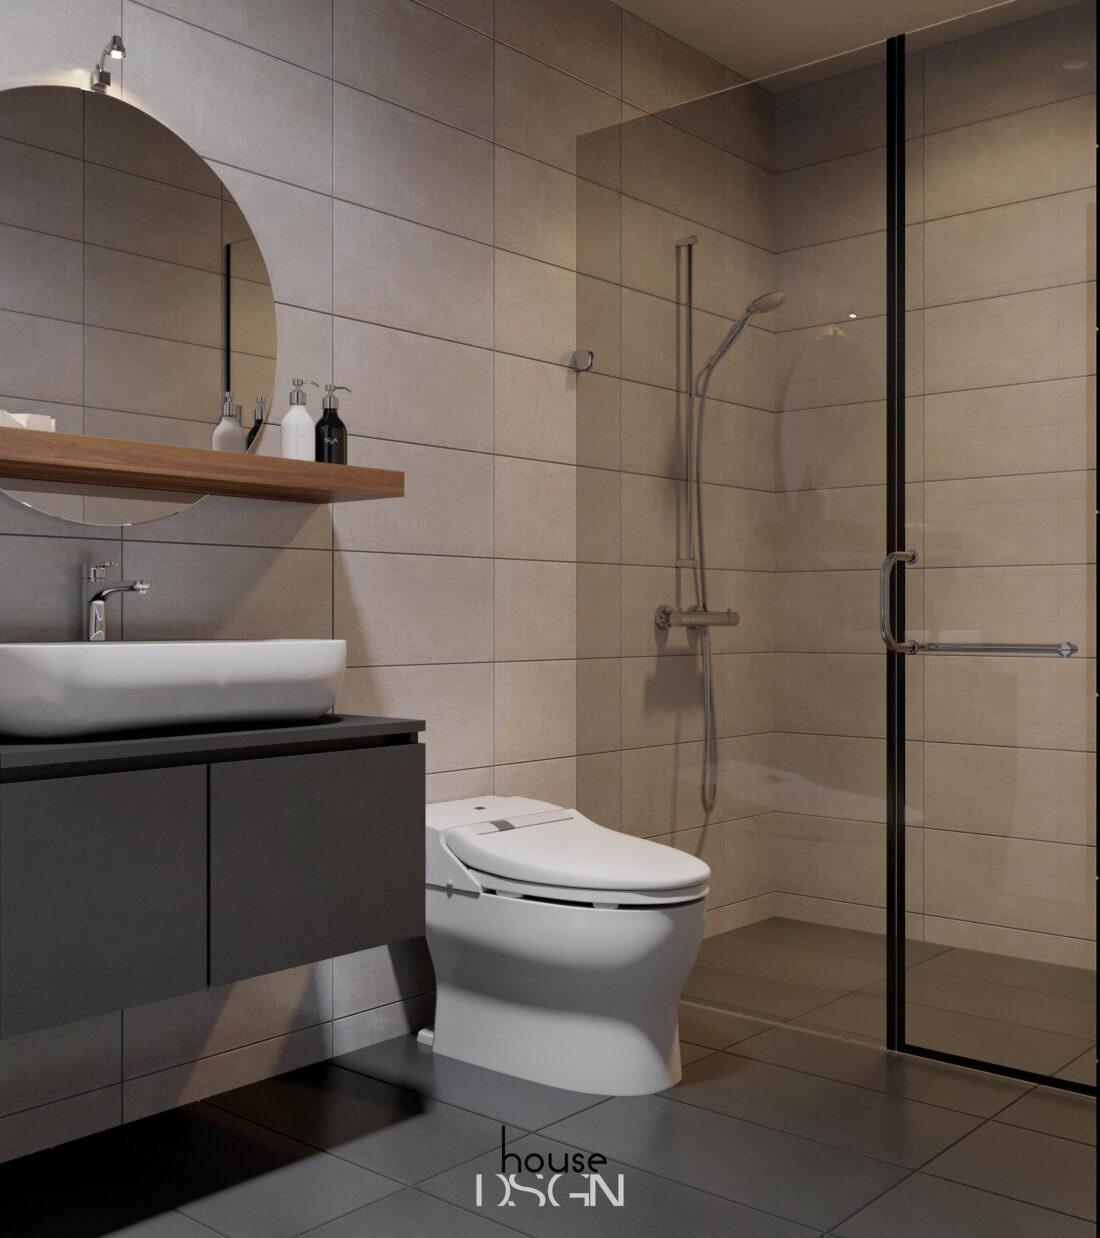 nhà vệ sinh trong thiết kế nội thất căn hộ 2 phòng ngủ